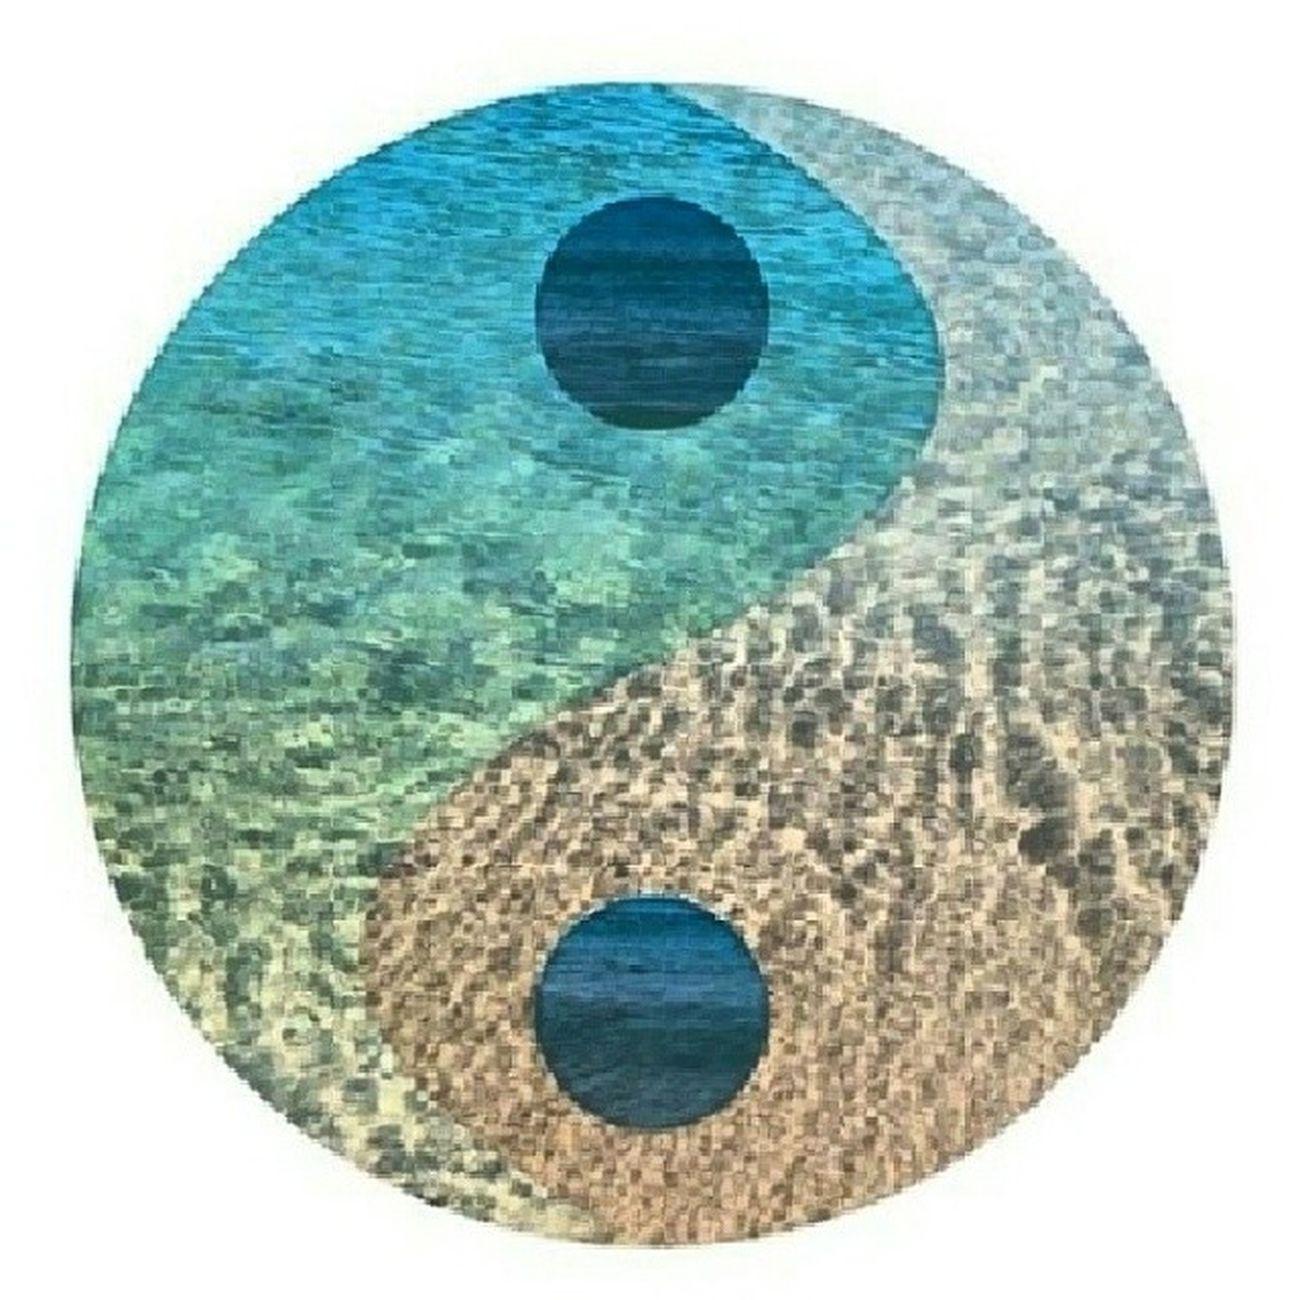 Vamos buscar o equilíbrio... Yinyang Equilibrio Paz Instagood instamood instagramhub ?☀?